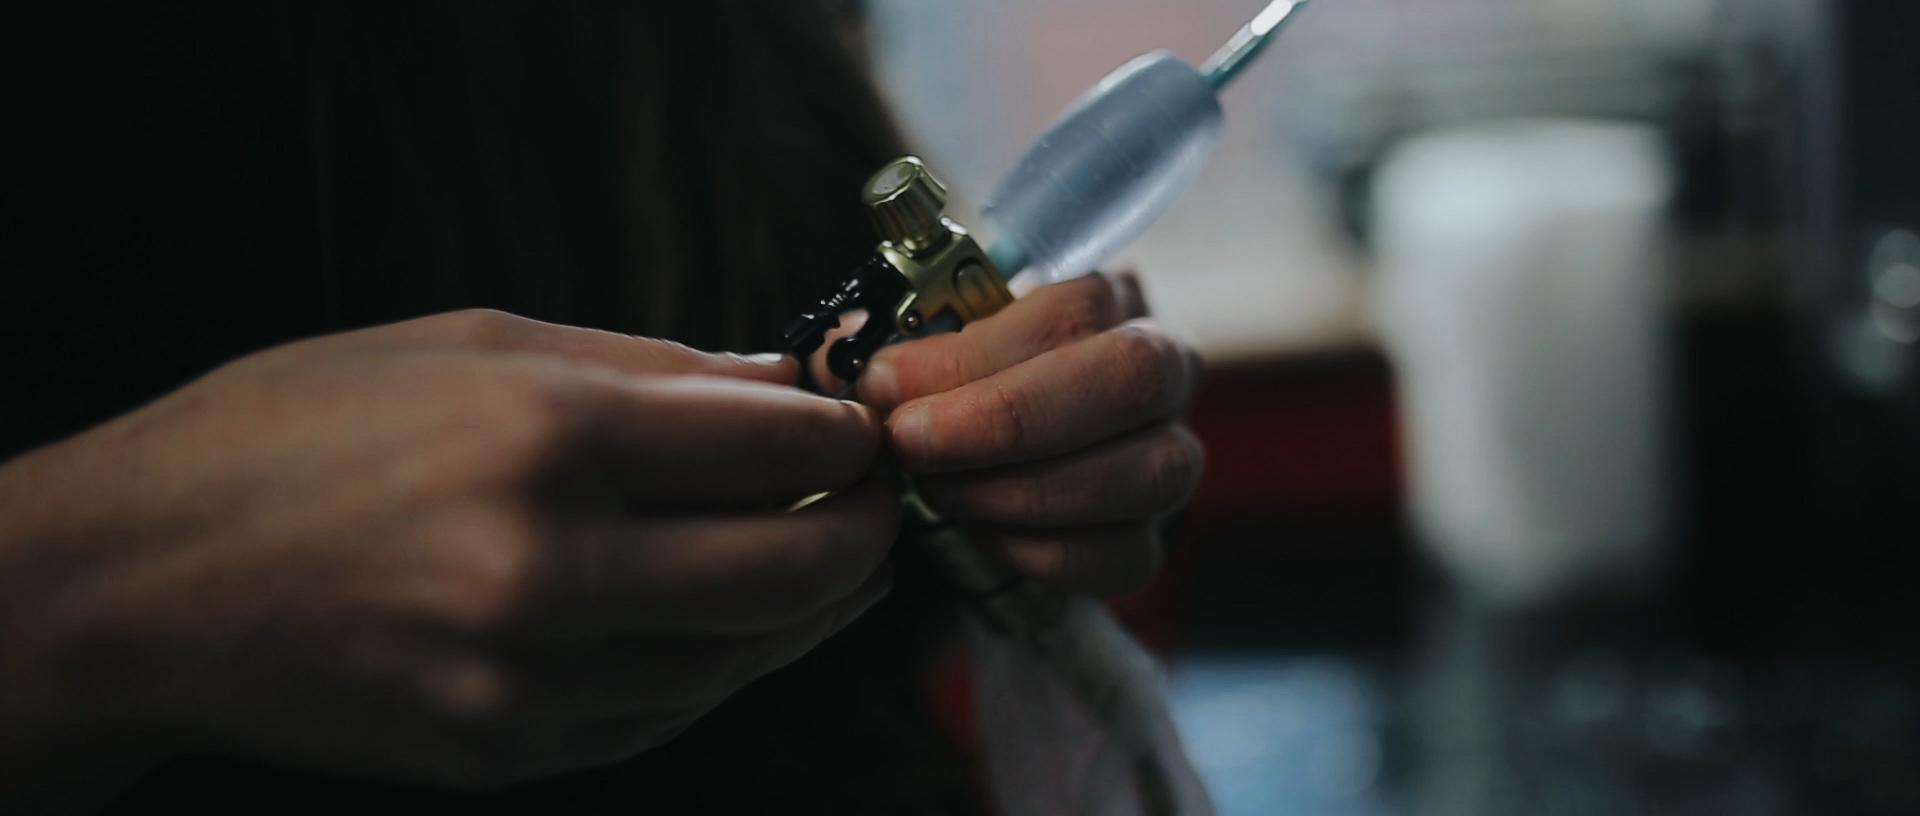 Gabrielle-Pereira-tatuadora-Curitiba-tattoo-ricardo-franzen-love-freedom-madness-producao-de-filme-video-de-tattoo-into-the-skin (3).jpg